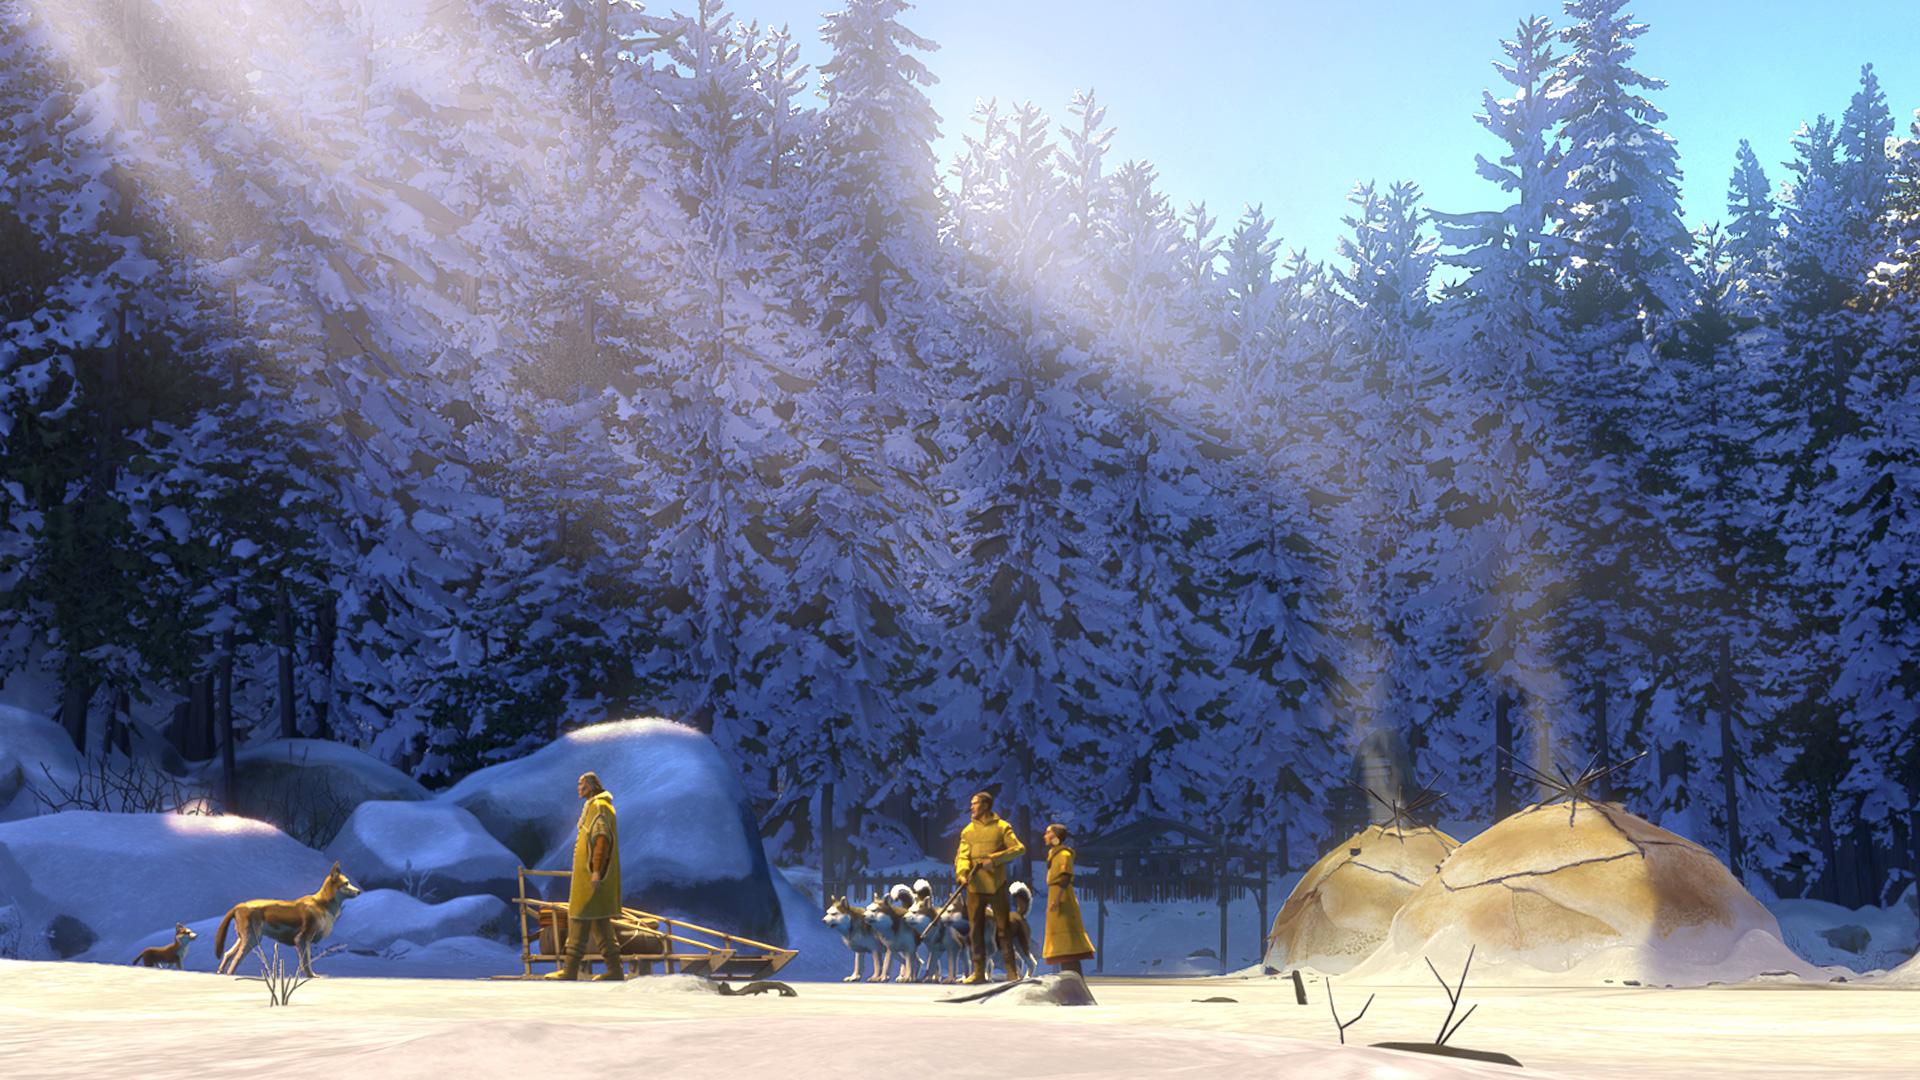 Zanna bianca trailer italiano dell emozionante film animato